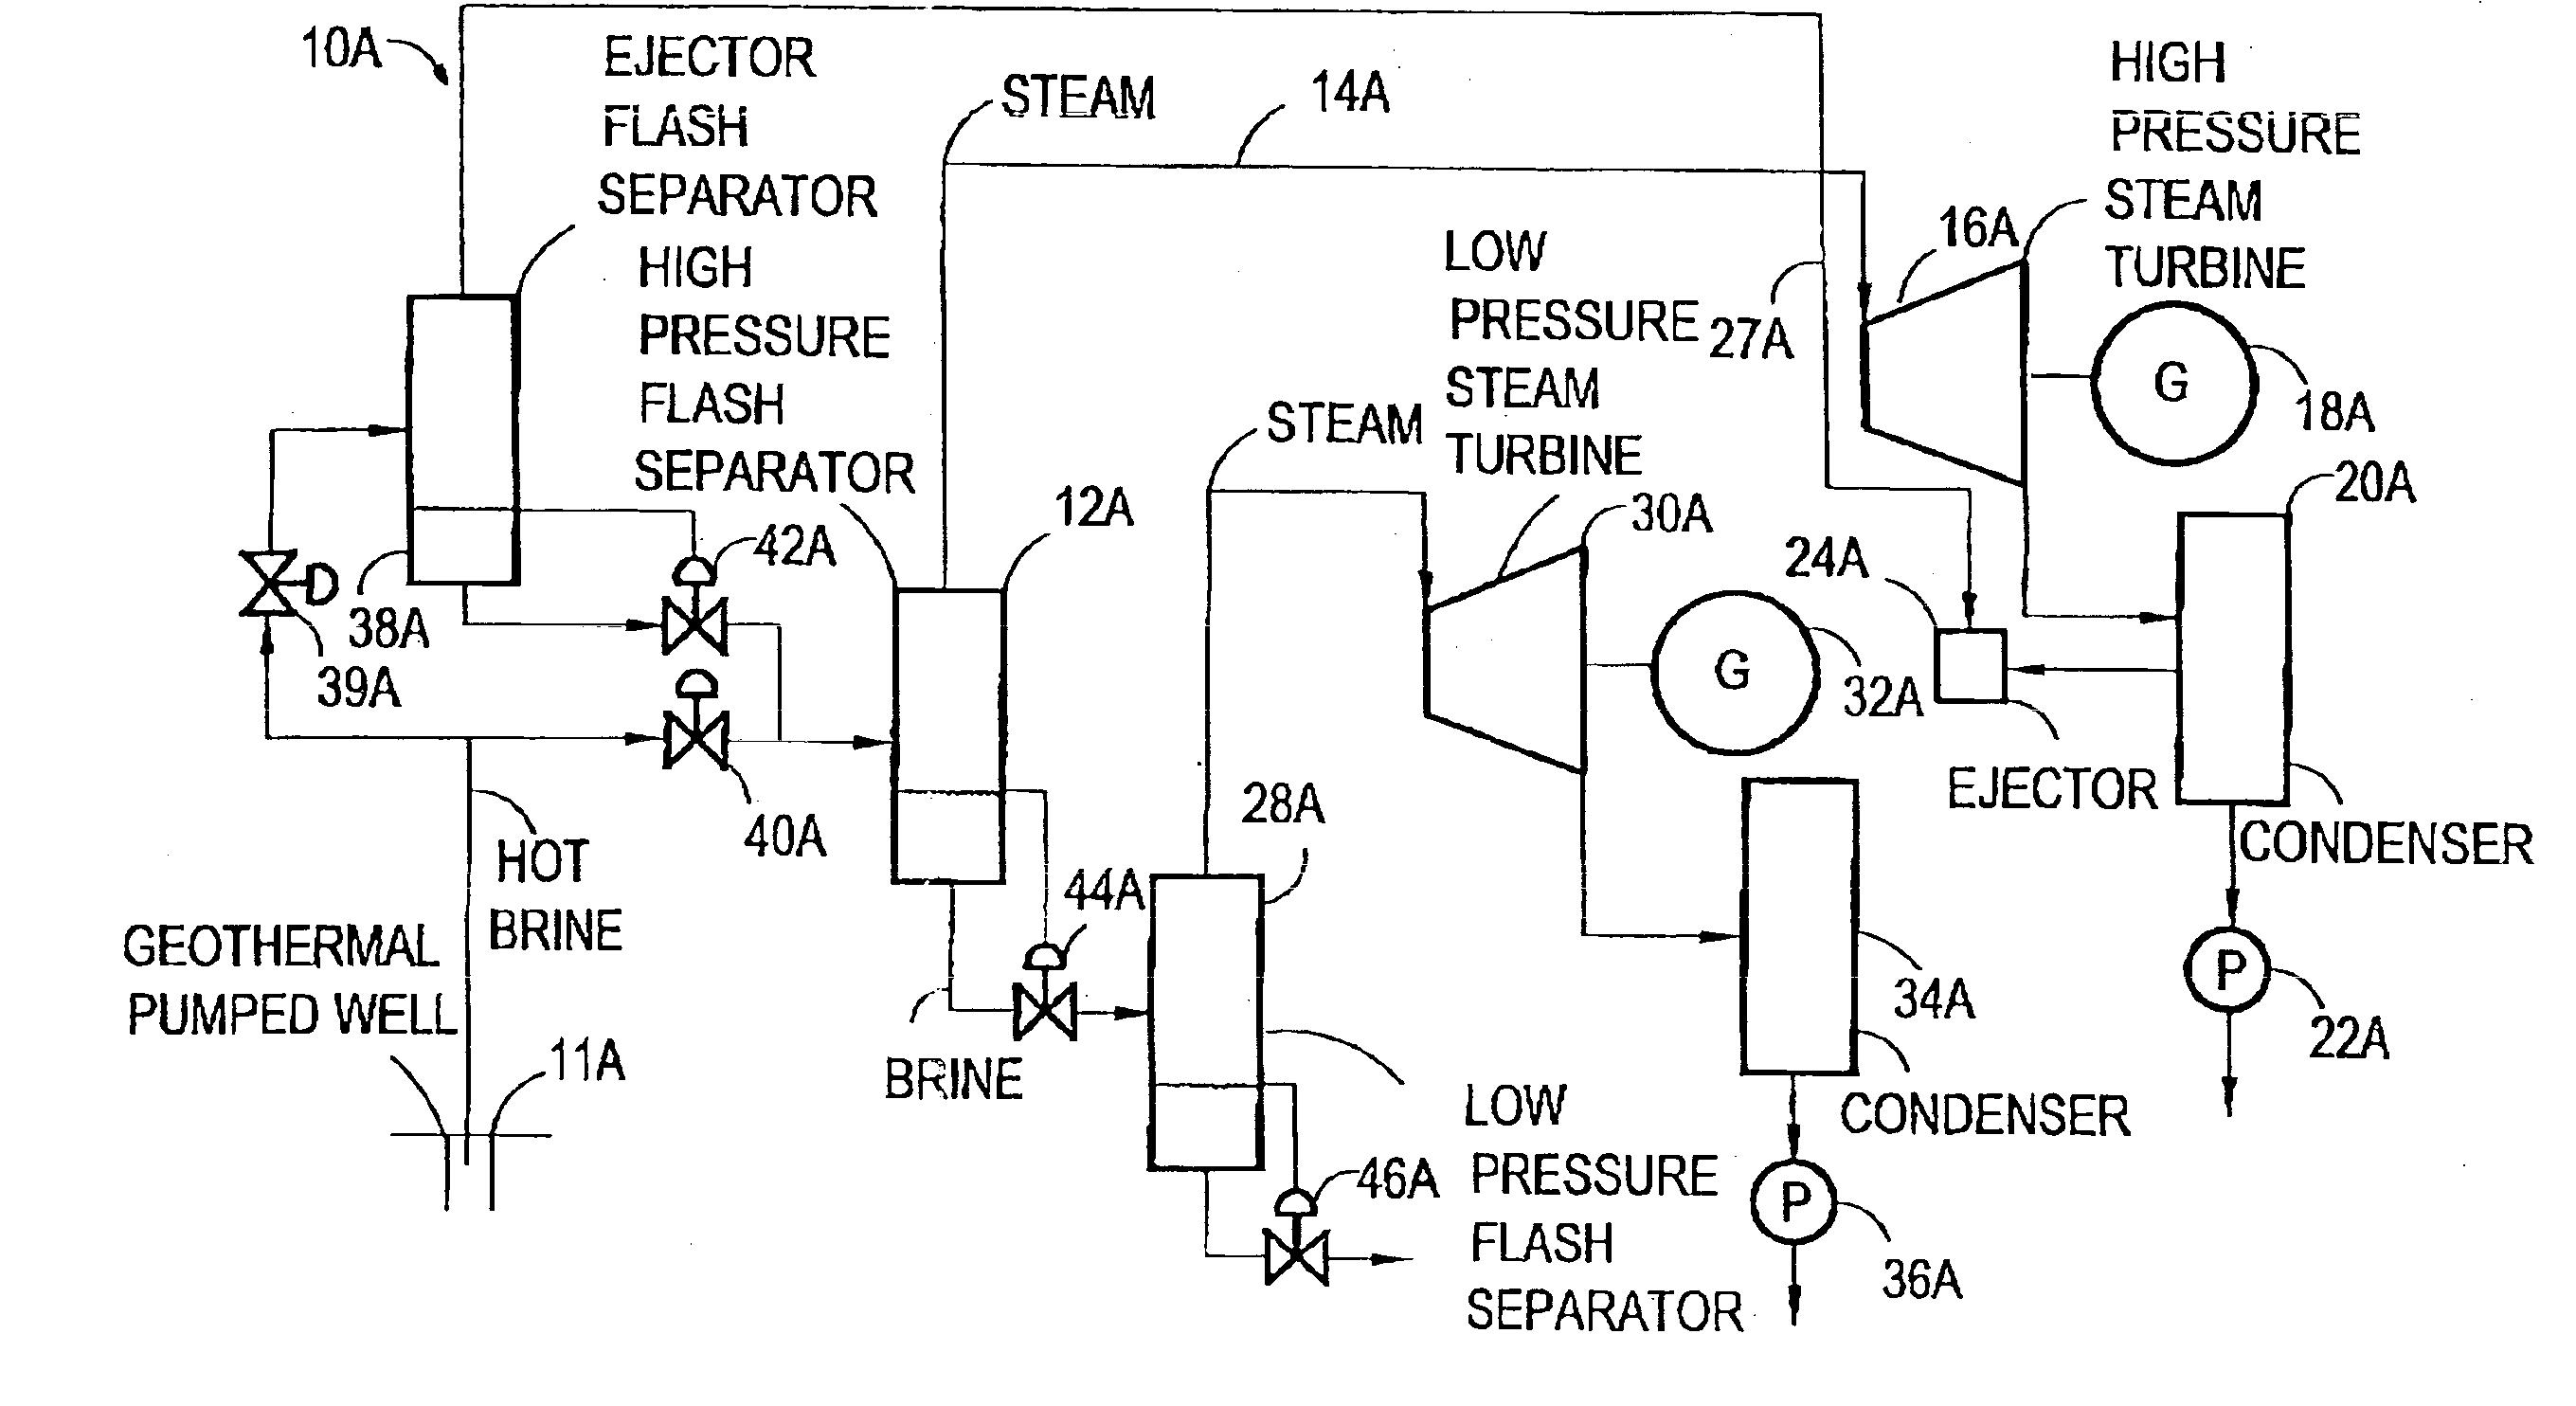 Geothermal Power Plant Flow Diagram